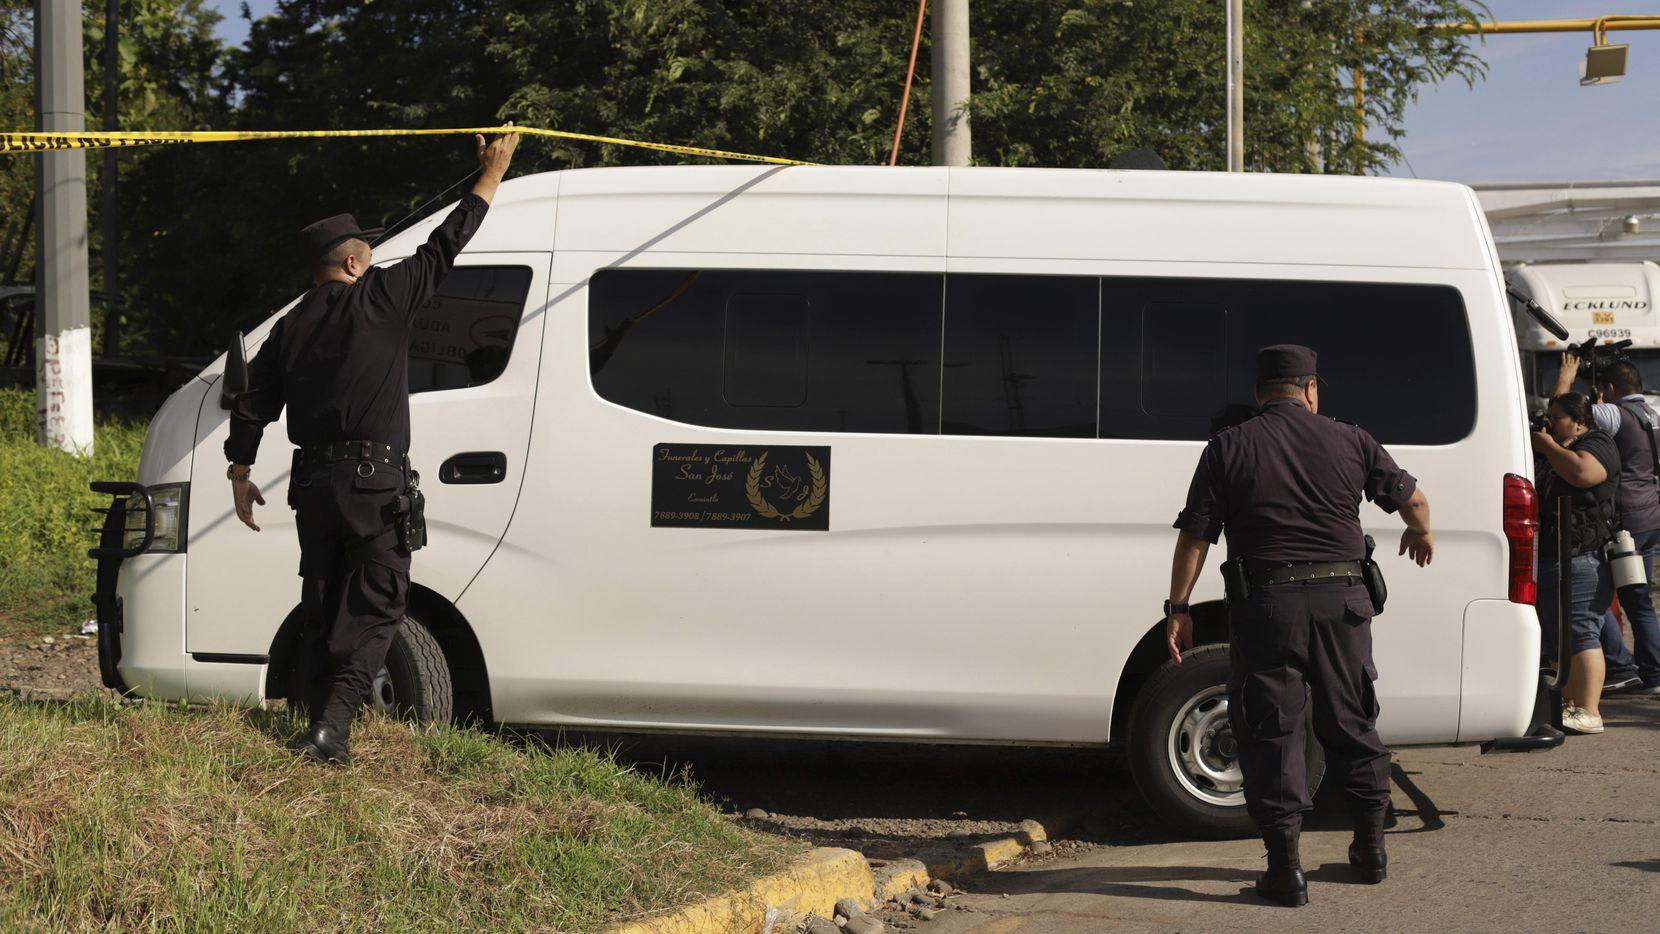 Un vehículo funeral transportó los cuerpos de Óscar Alberto Martínez Ramírez de 25 años y su hija Valeria de 23 meses desde Matamoros a El Salvador. (AP/Salvador Melendez)